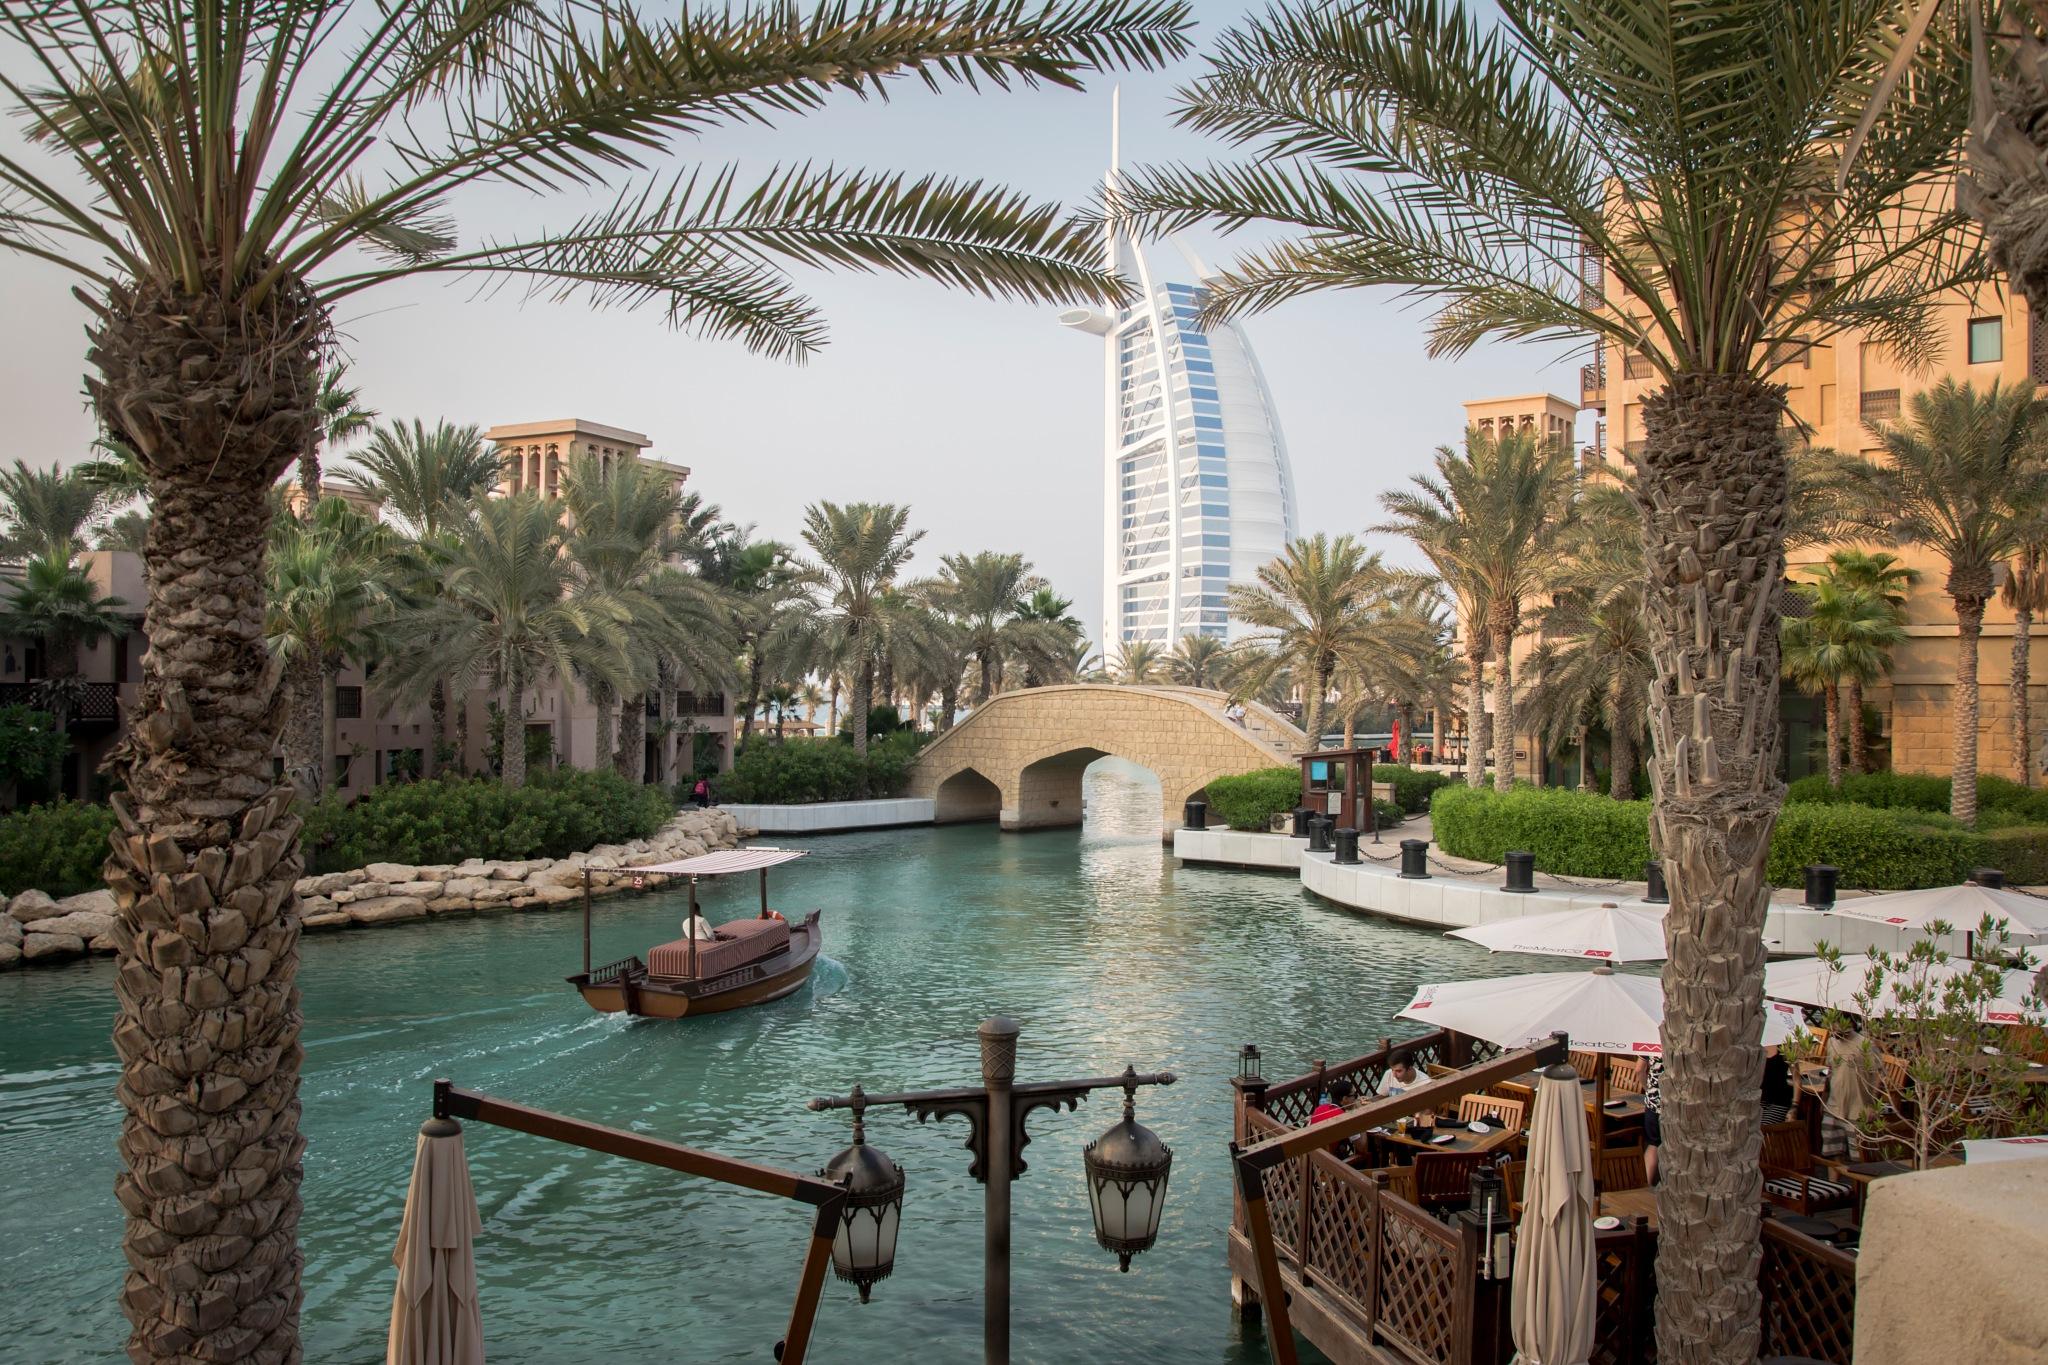 Dubai 1 by nilsons1974